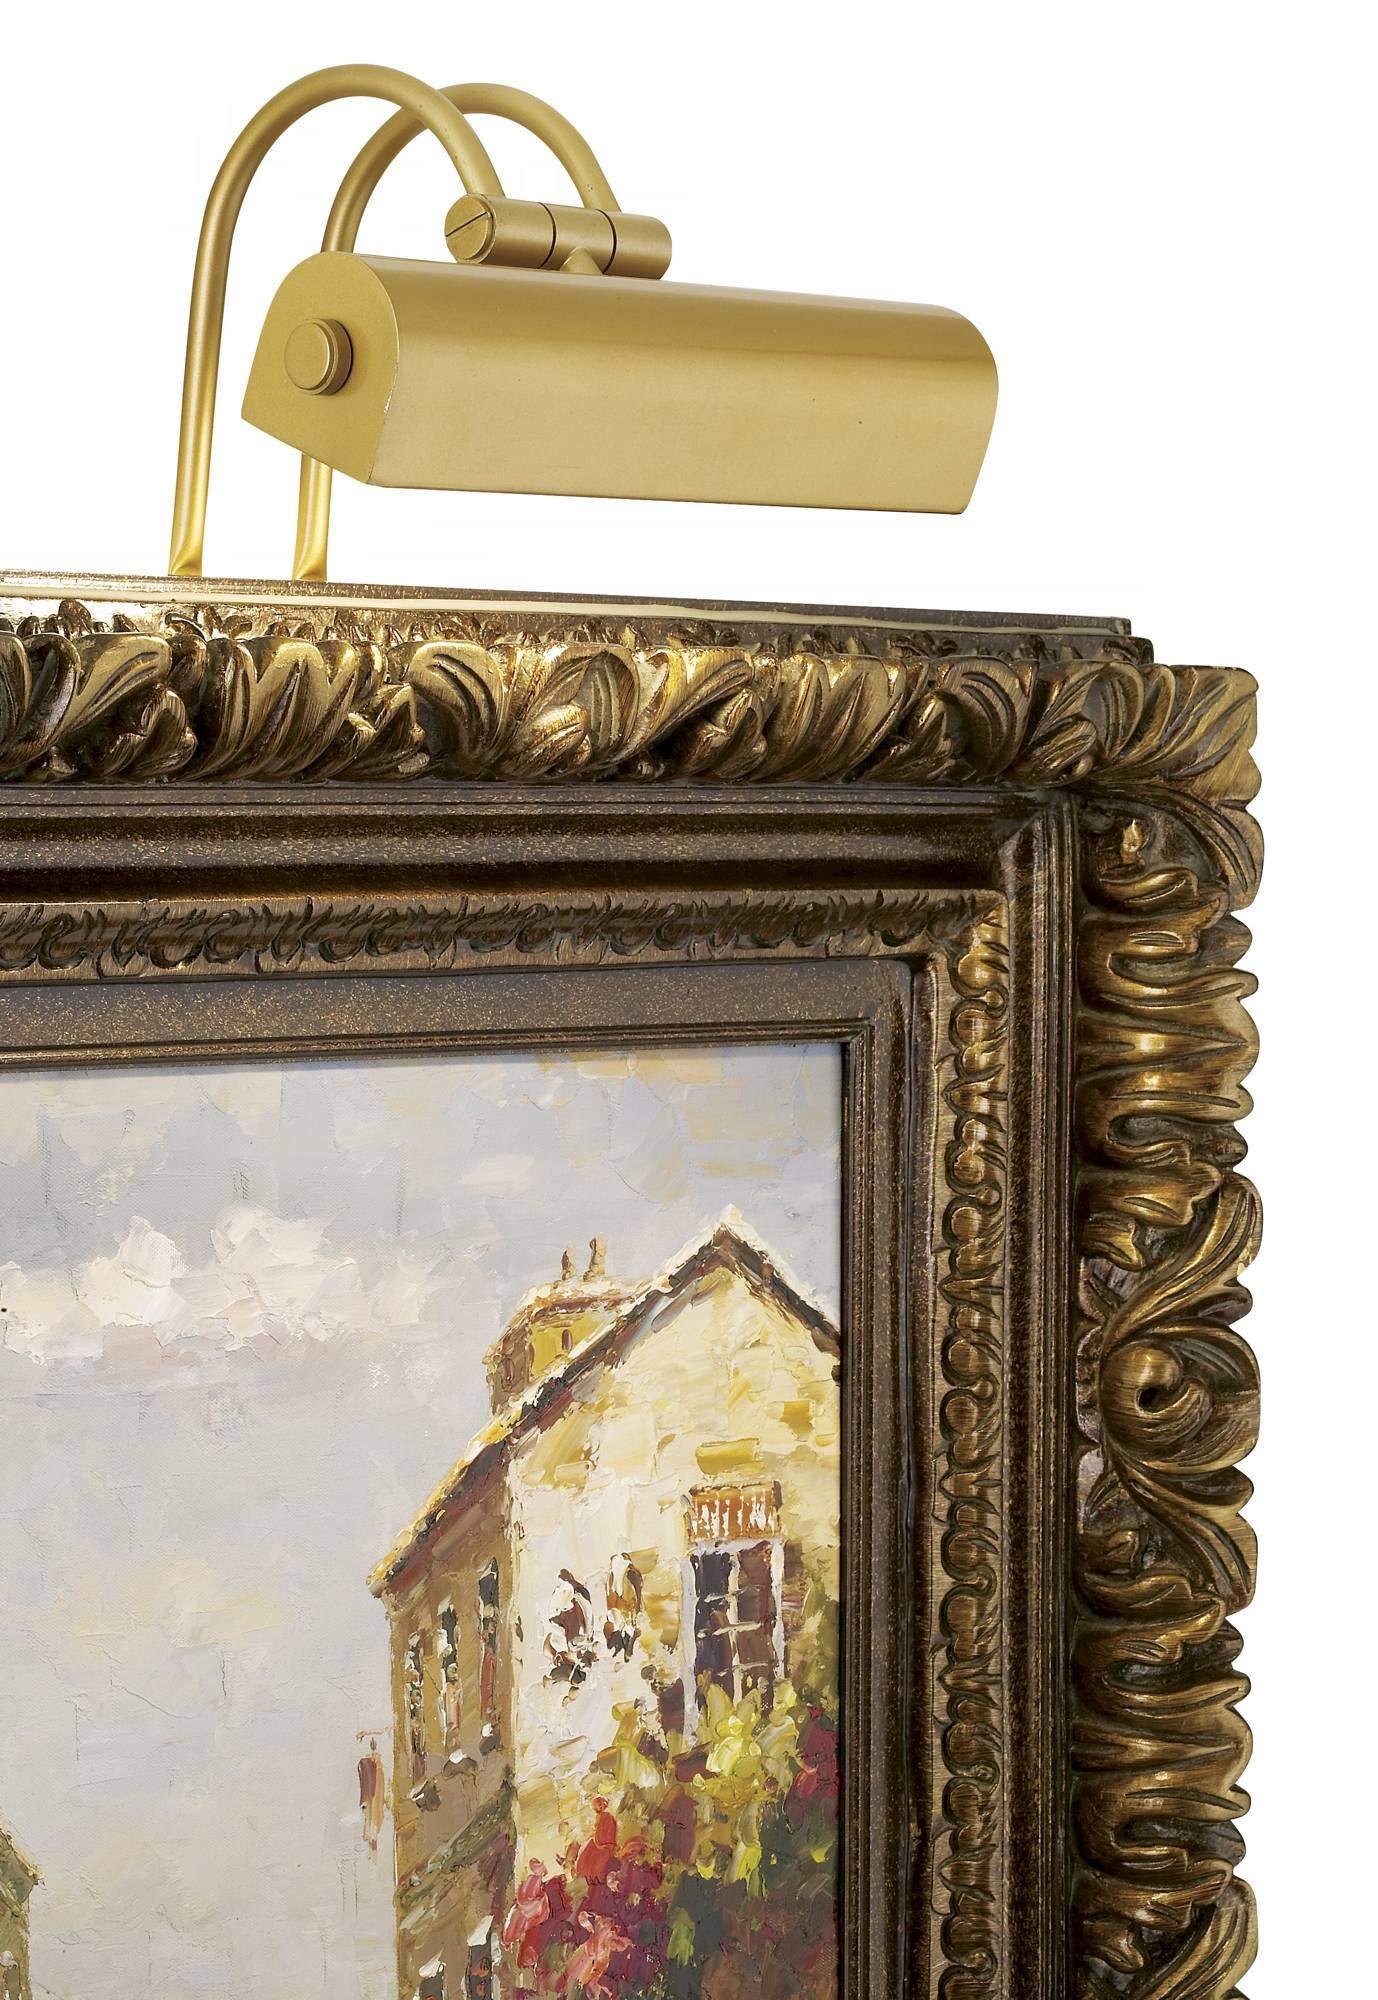 Light Gold 9'' Wide Plug-in Picture Light - Possini Euro Design